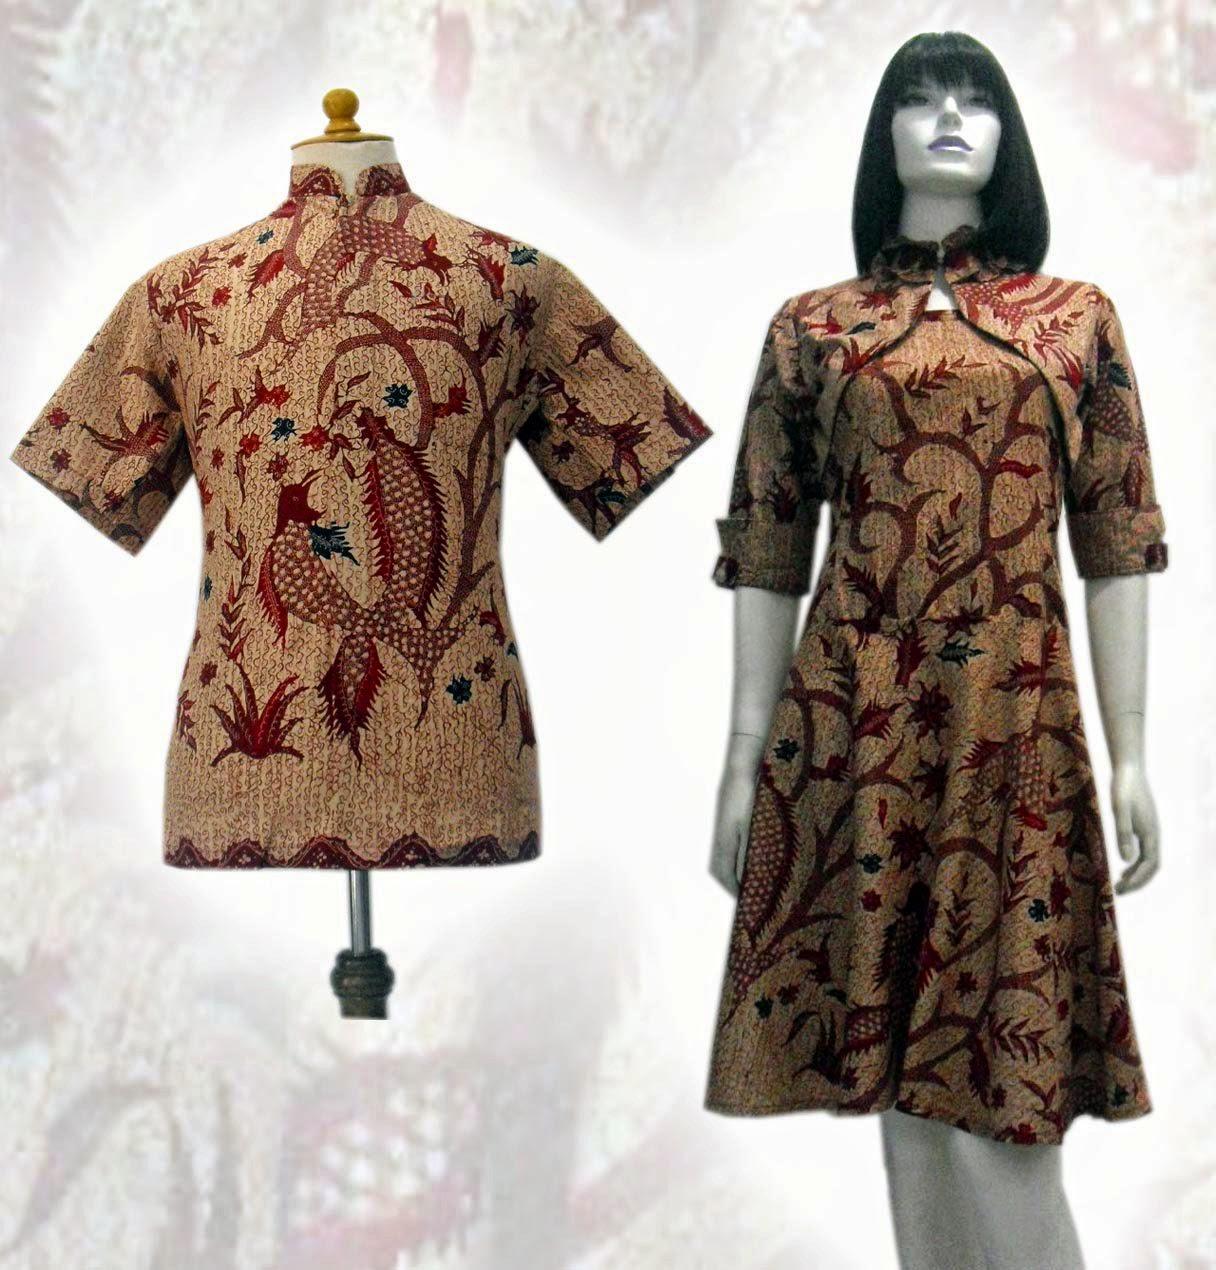 Contoh Gambar Baju Batik Modern: 10 Model Baju Batik Modern Pria Dan Wanita Terbaru